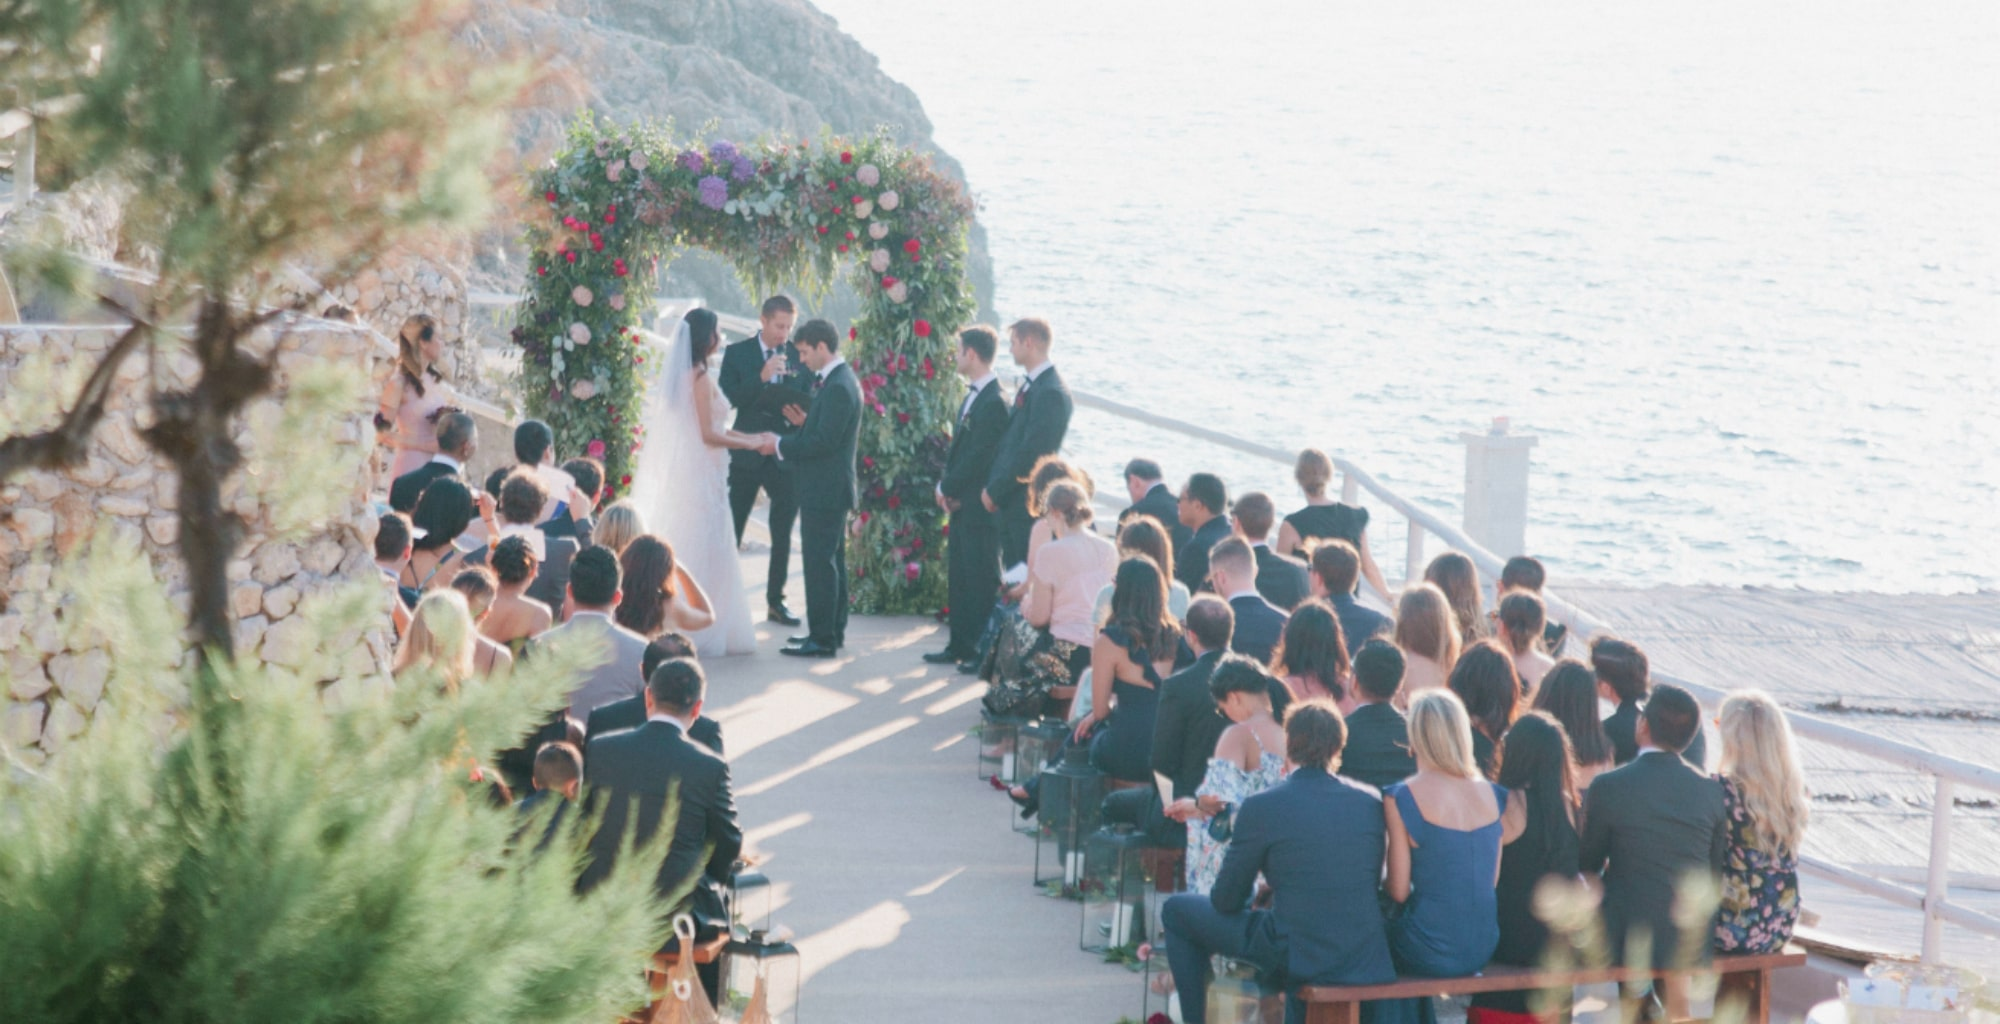 SYMBOLIC WEDDING IN CAPRI